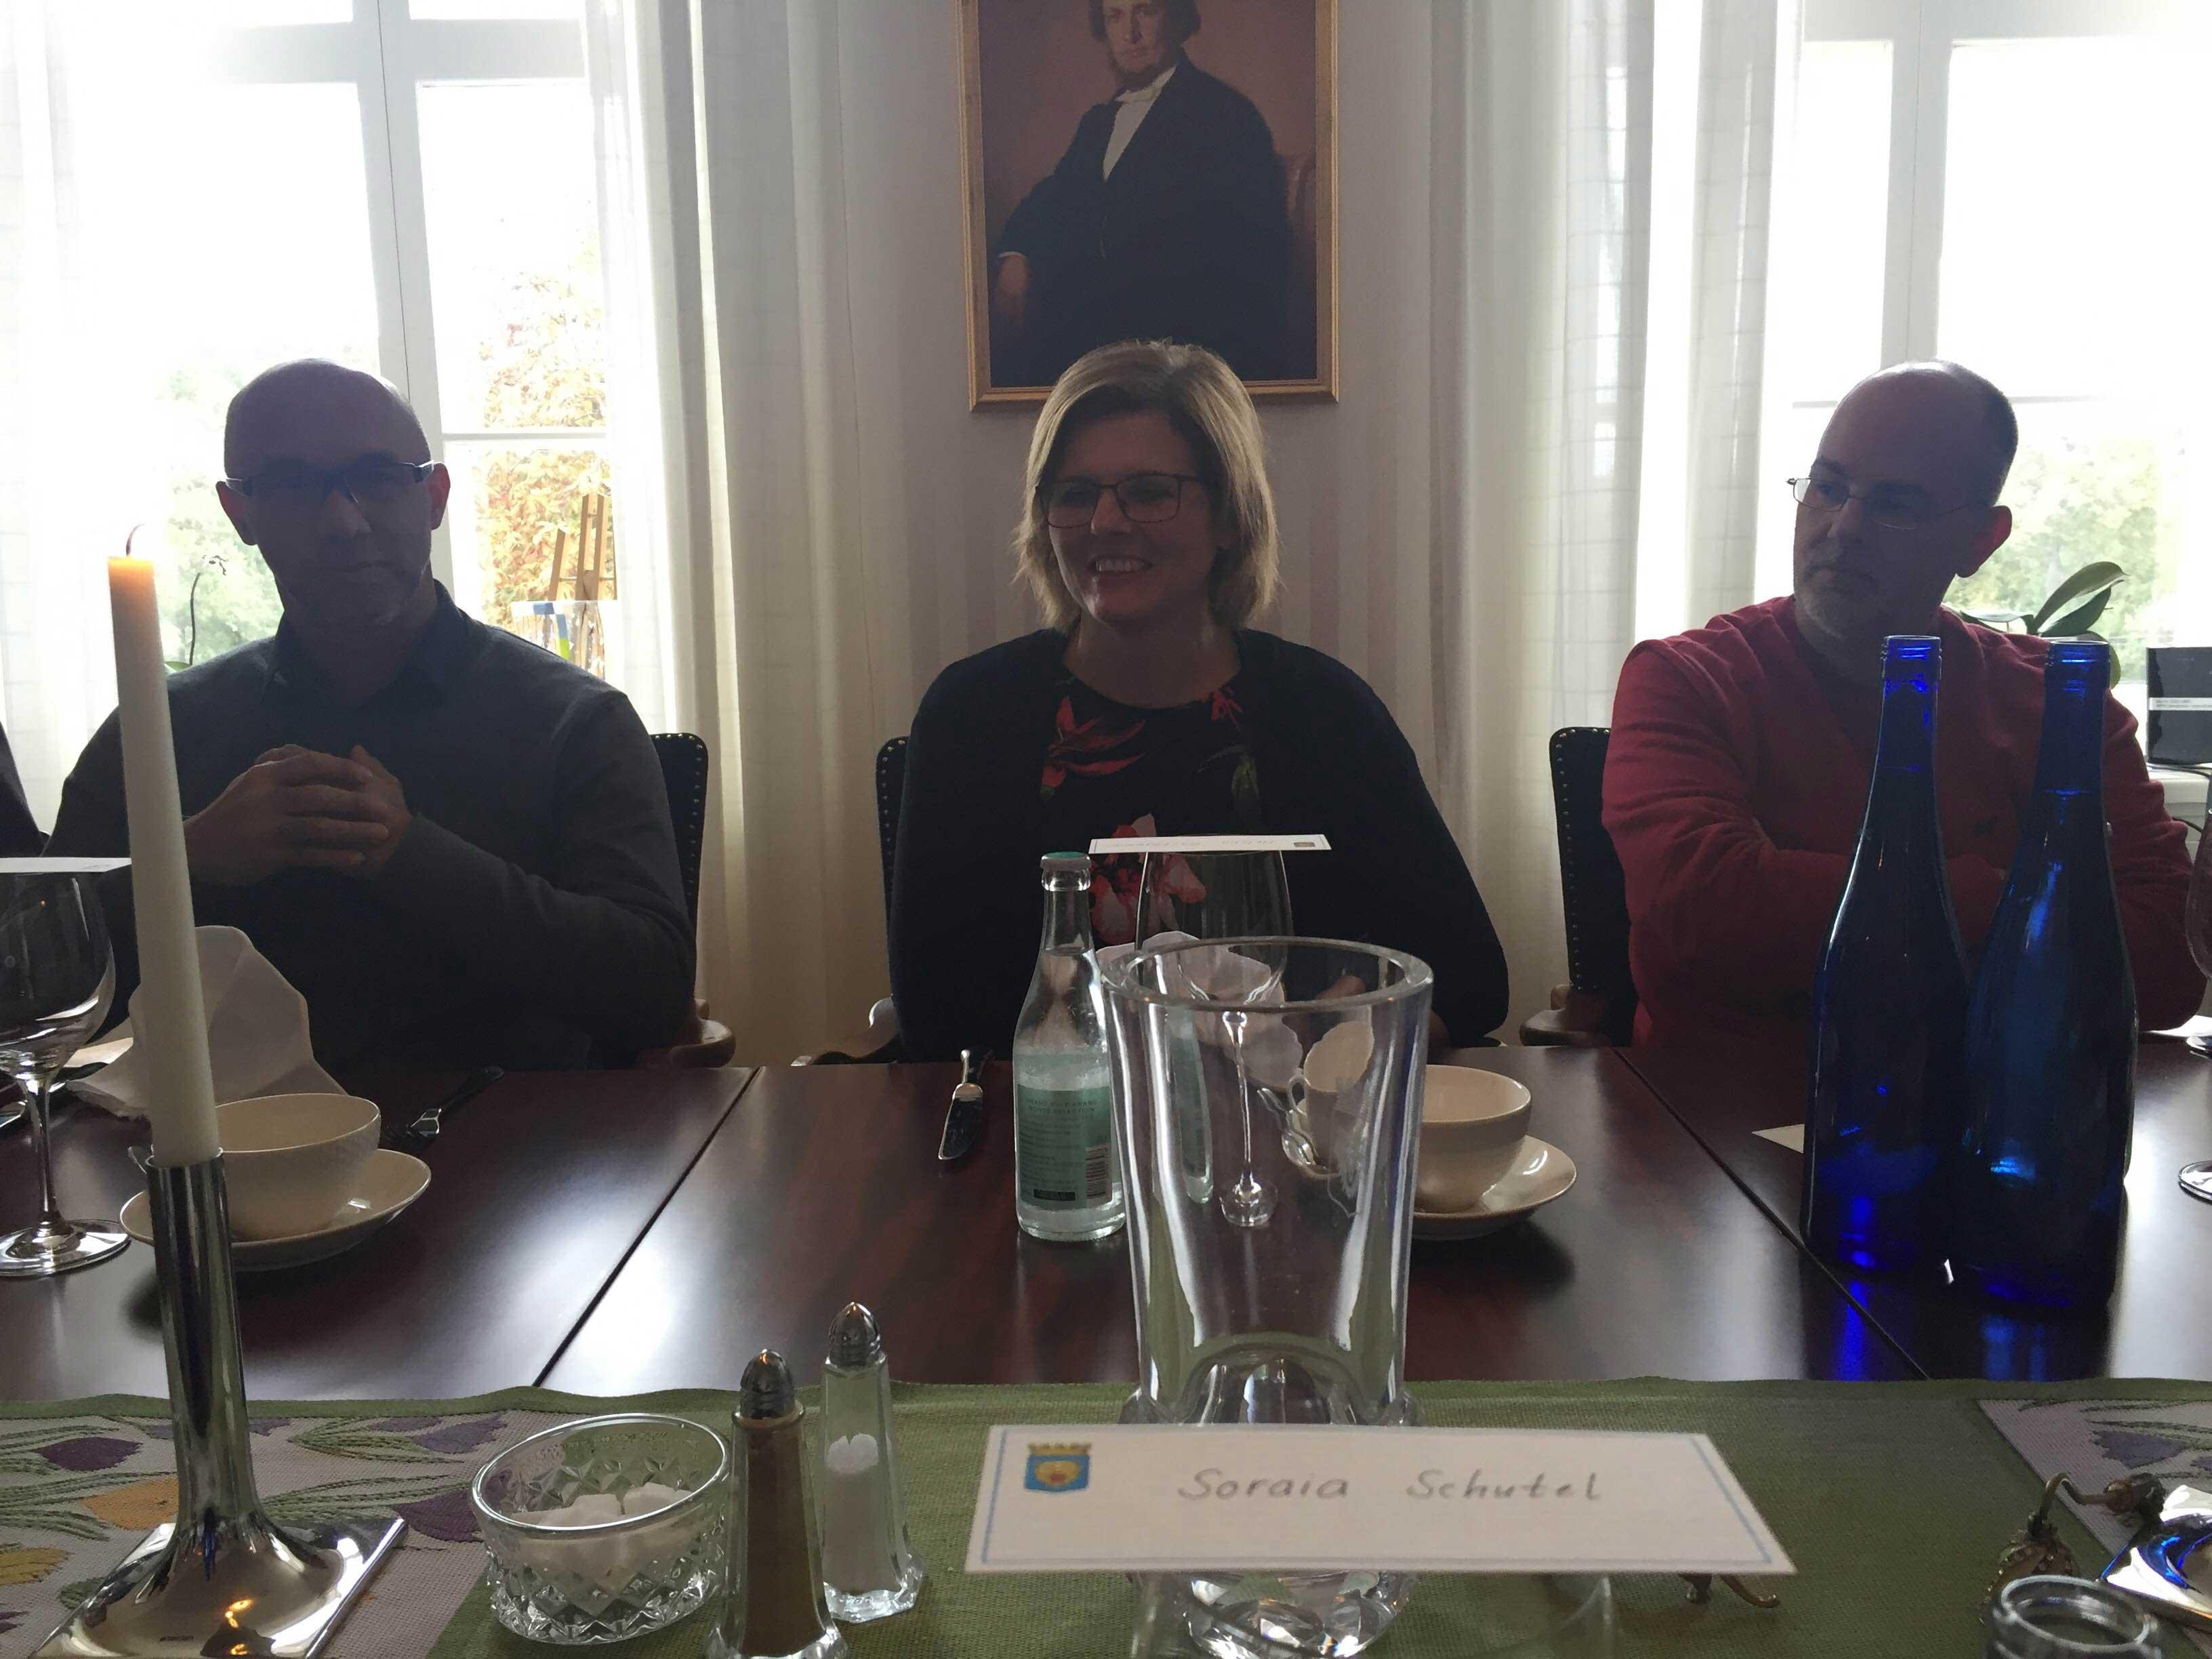 Almoço na Wallenberg Residence com a prefeita da cidade